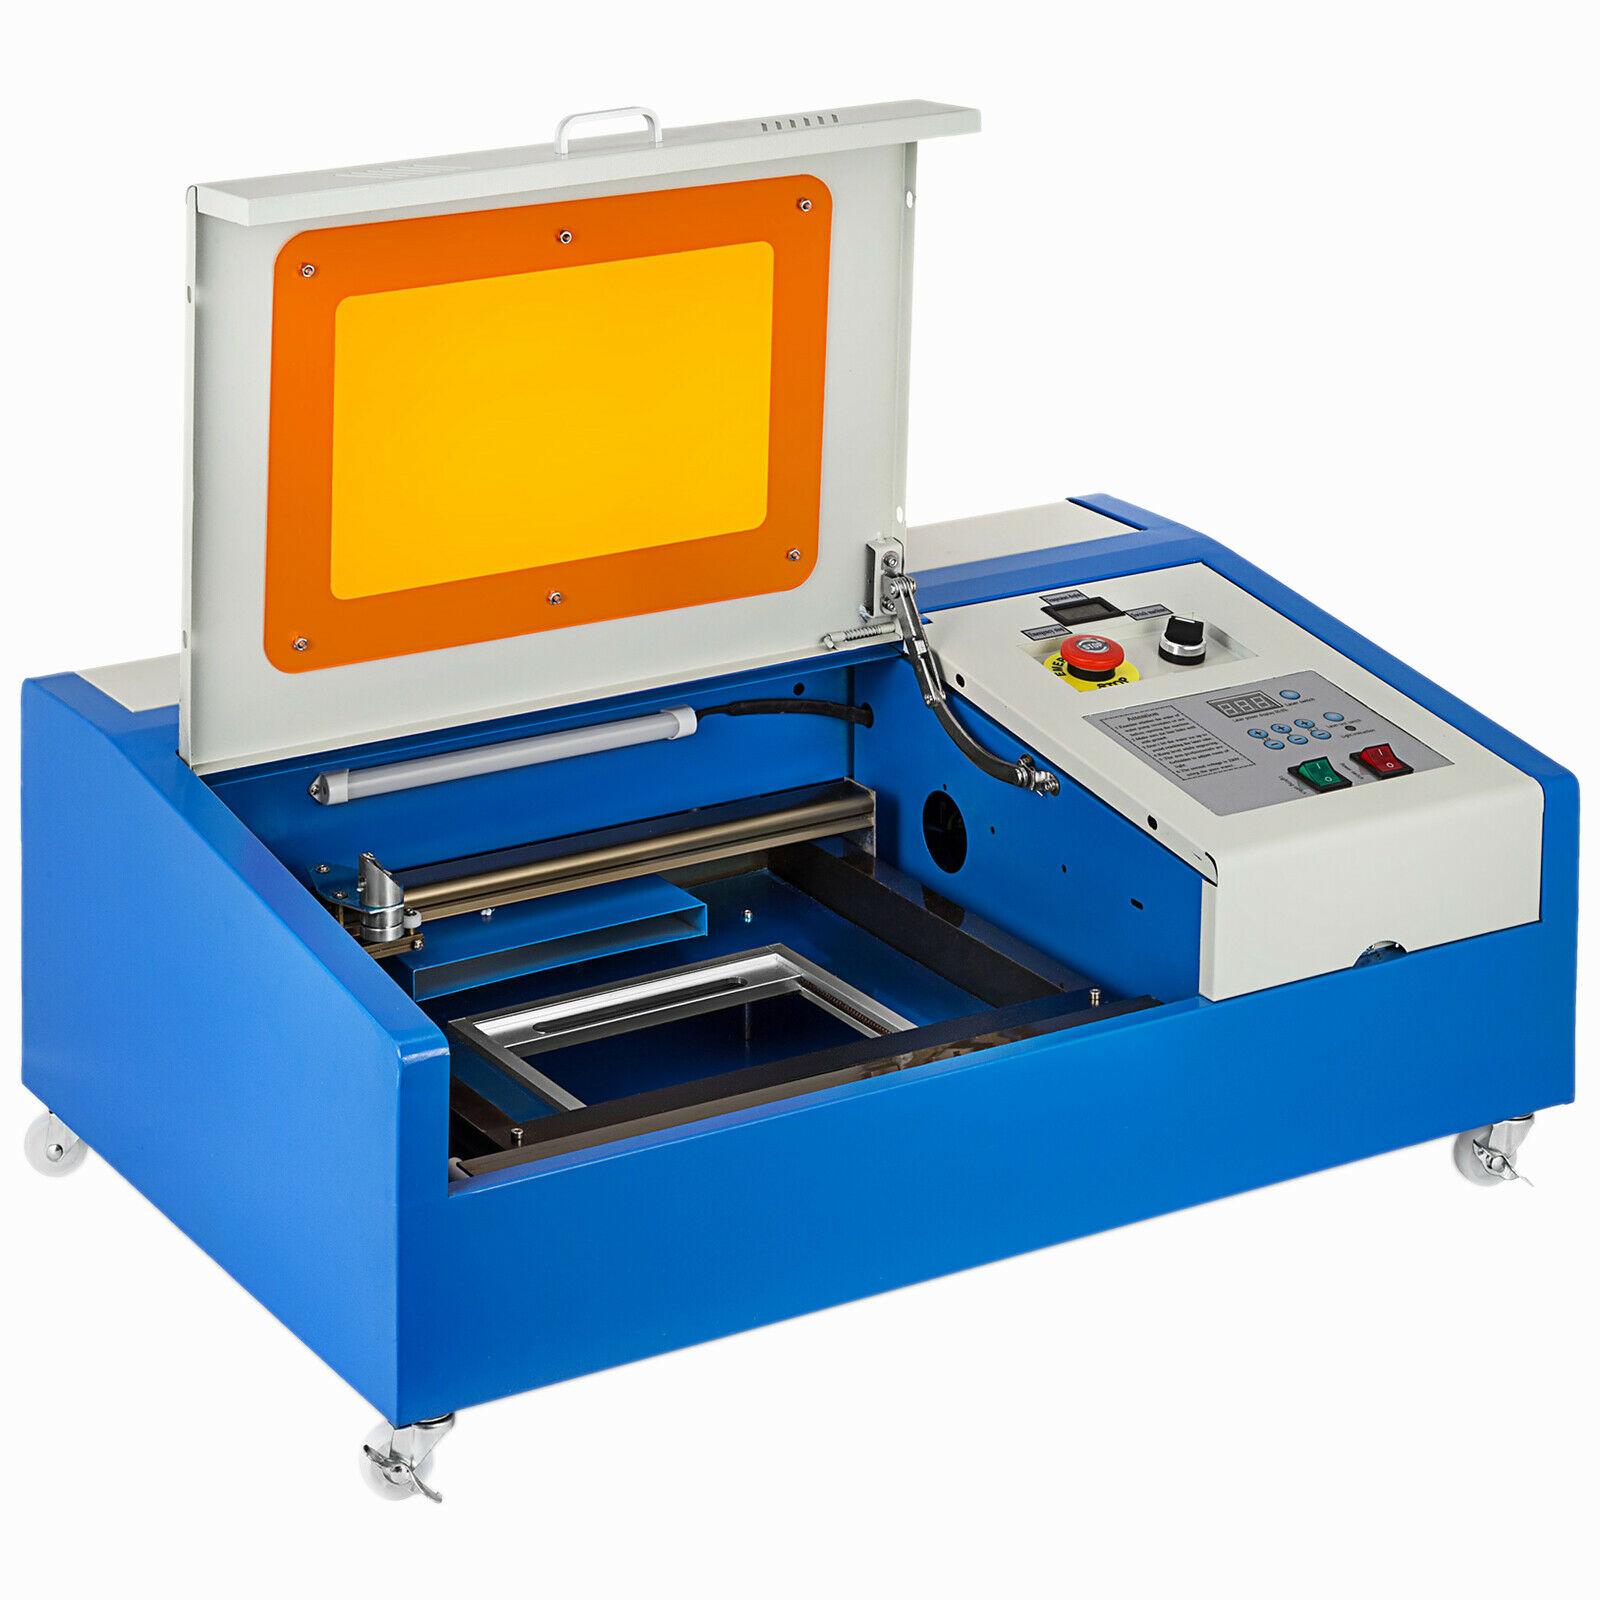 آلة النقش بالليزر 40W CO2 الحرف ، آلة قطع الطوابع